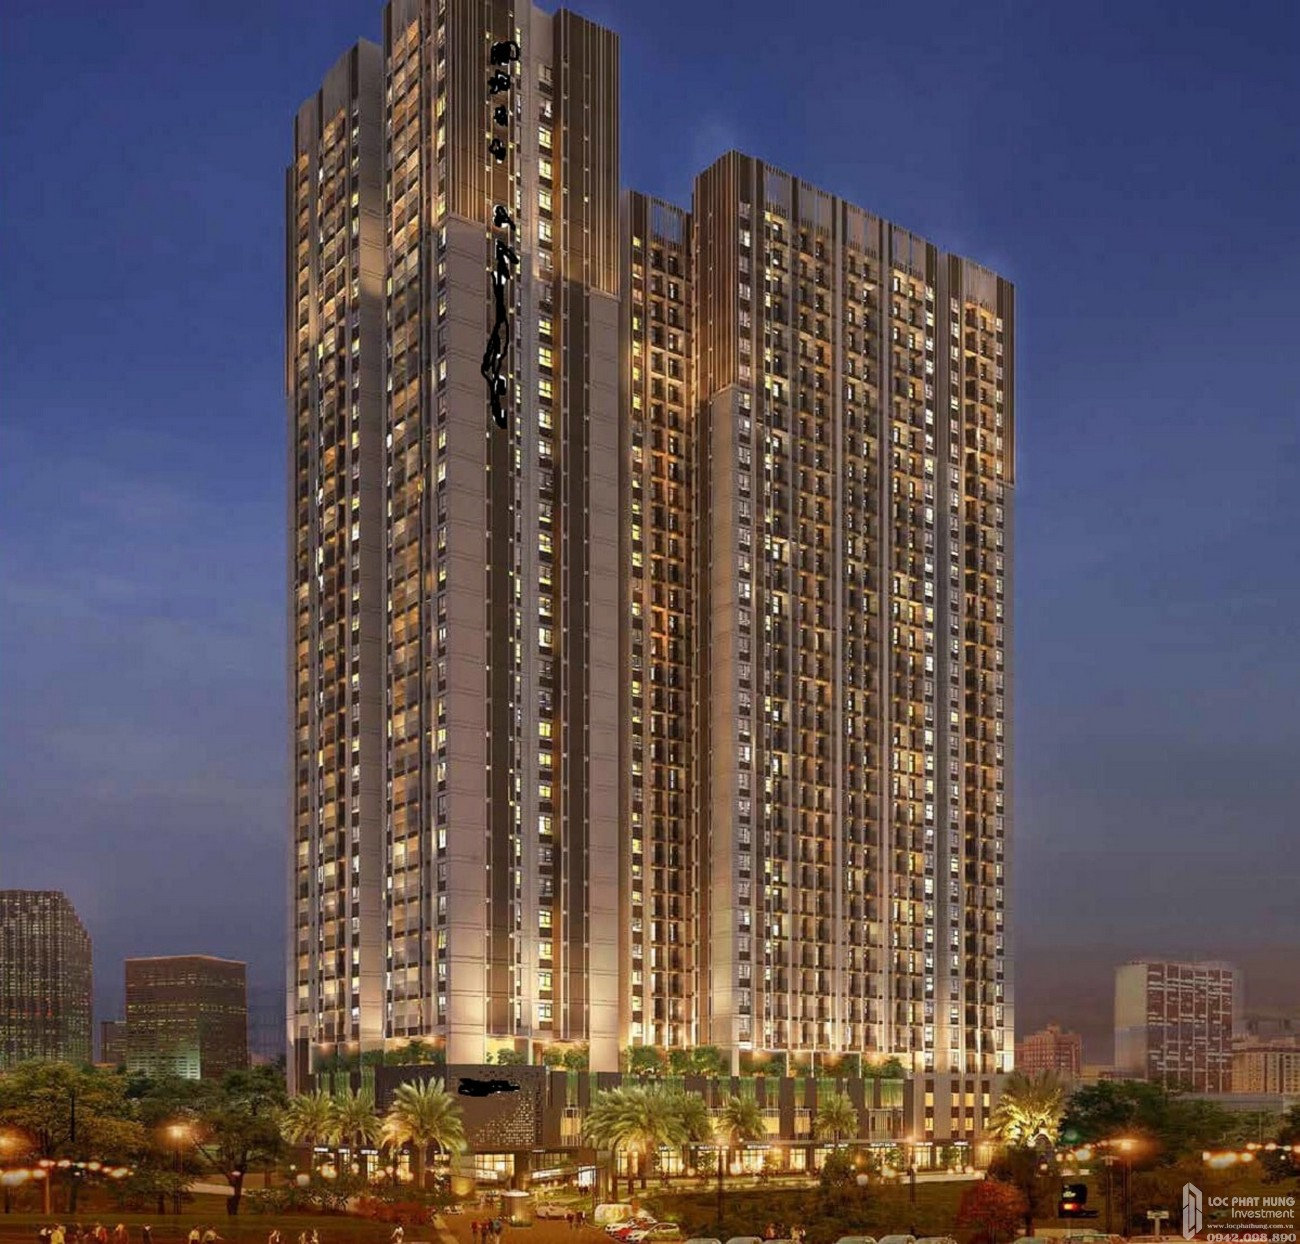 Phối cảnh tổng thể dự án căn hộ chung cư Phúc Đạt Tower Dĩ An Đường Quốc lộ 1K chủ đầu tư Phúc Đạt